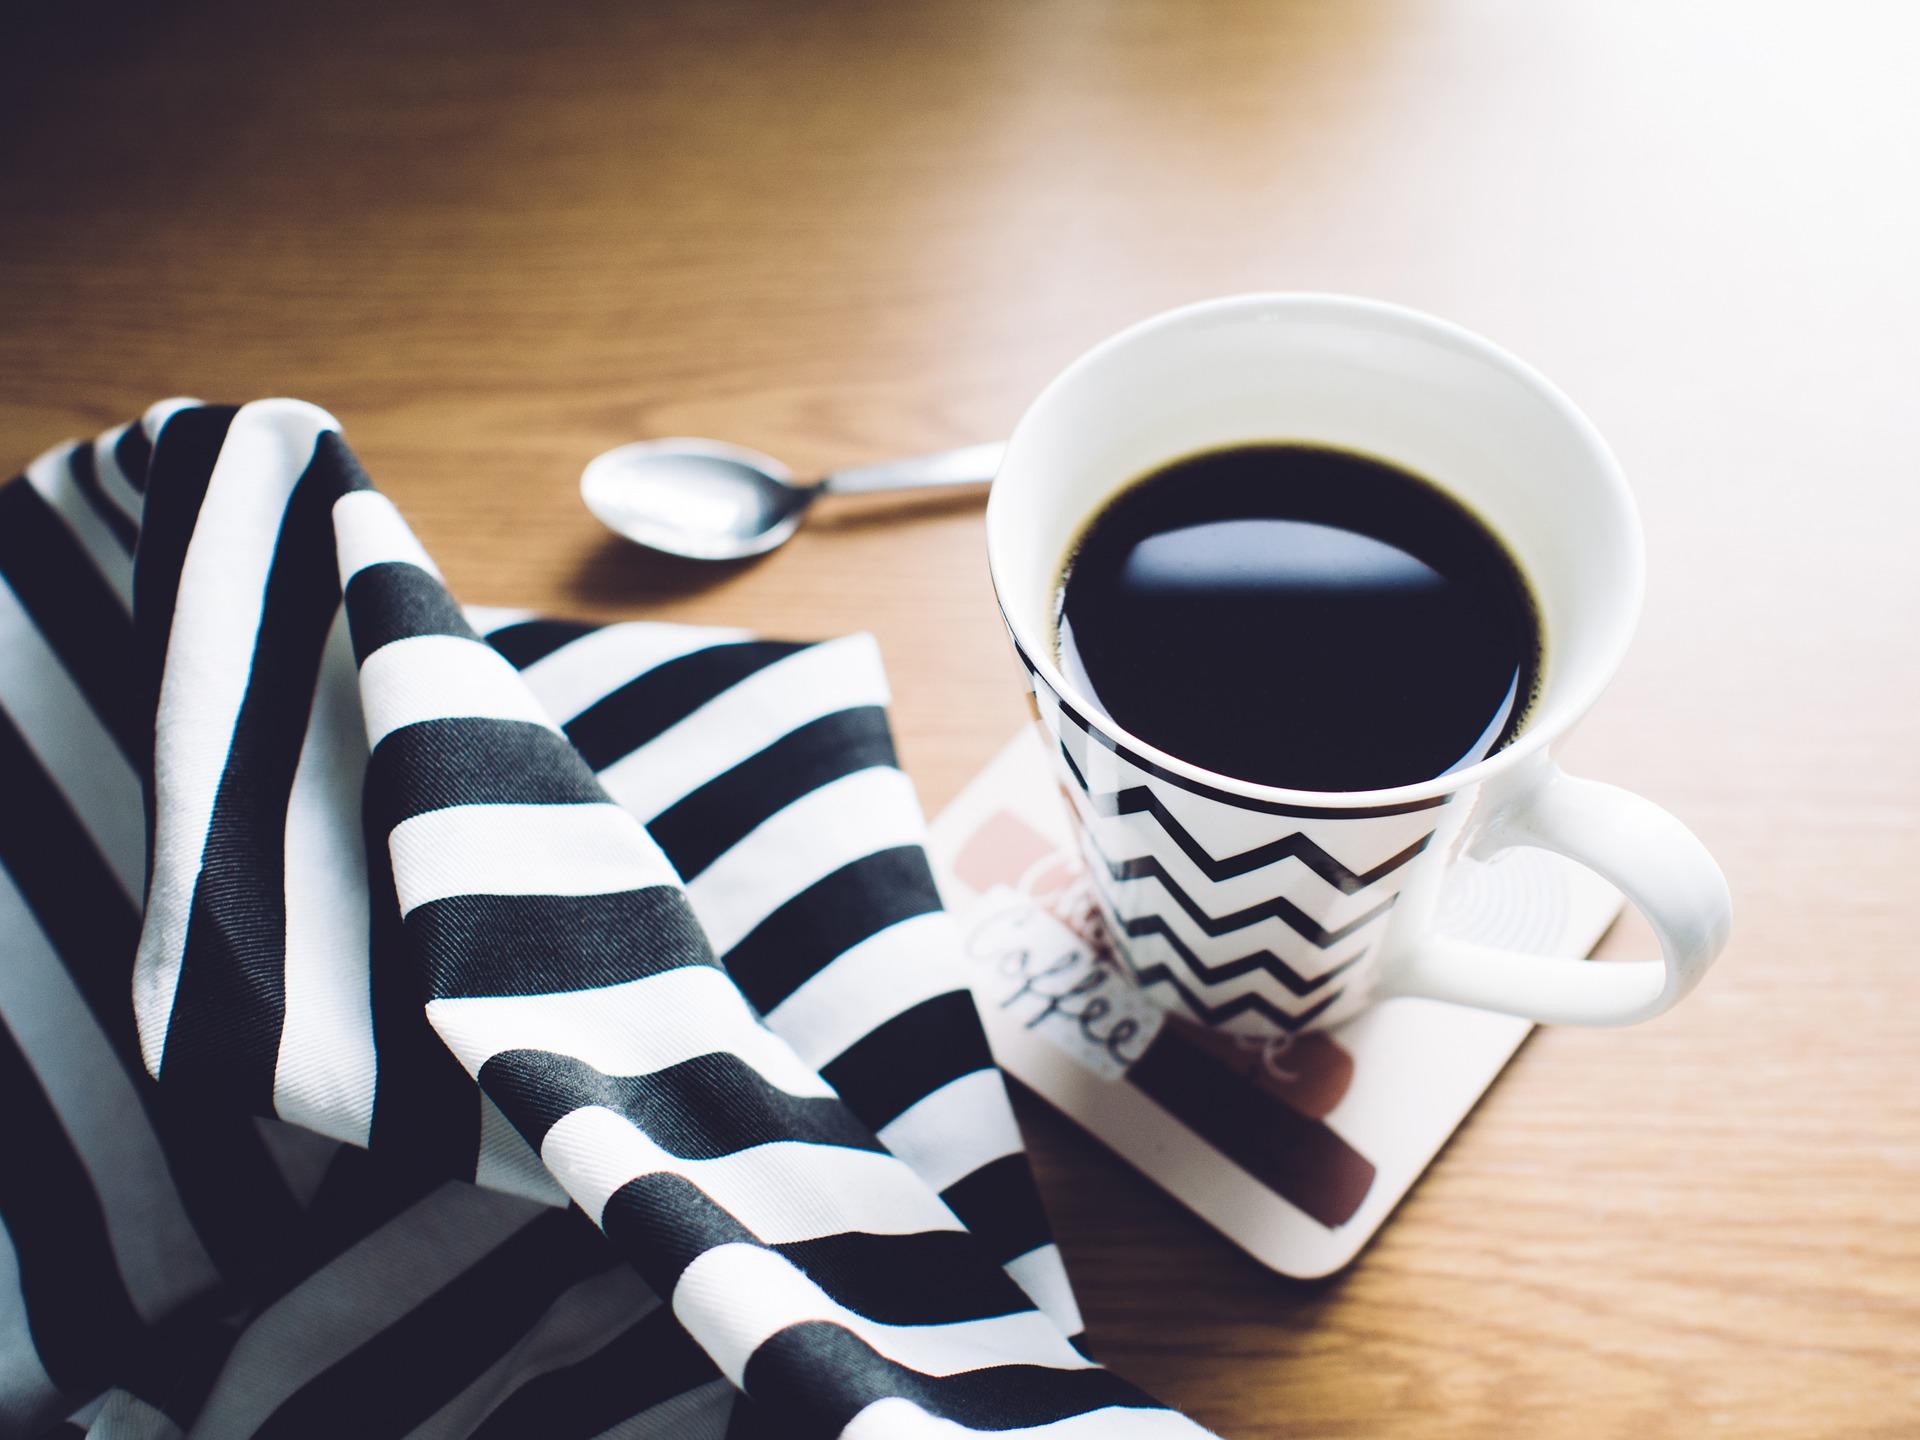 kafa, espresso, crna, ukus, zrna